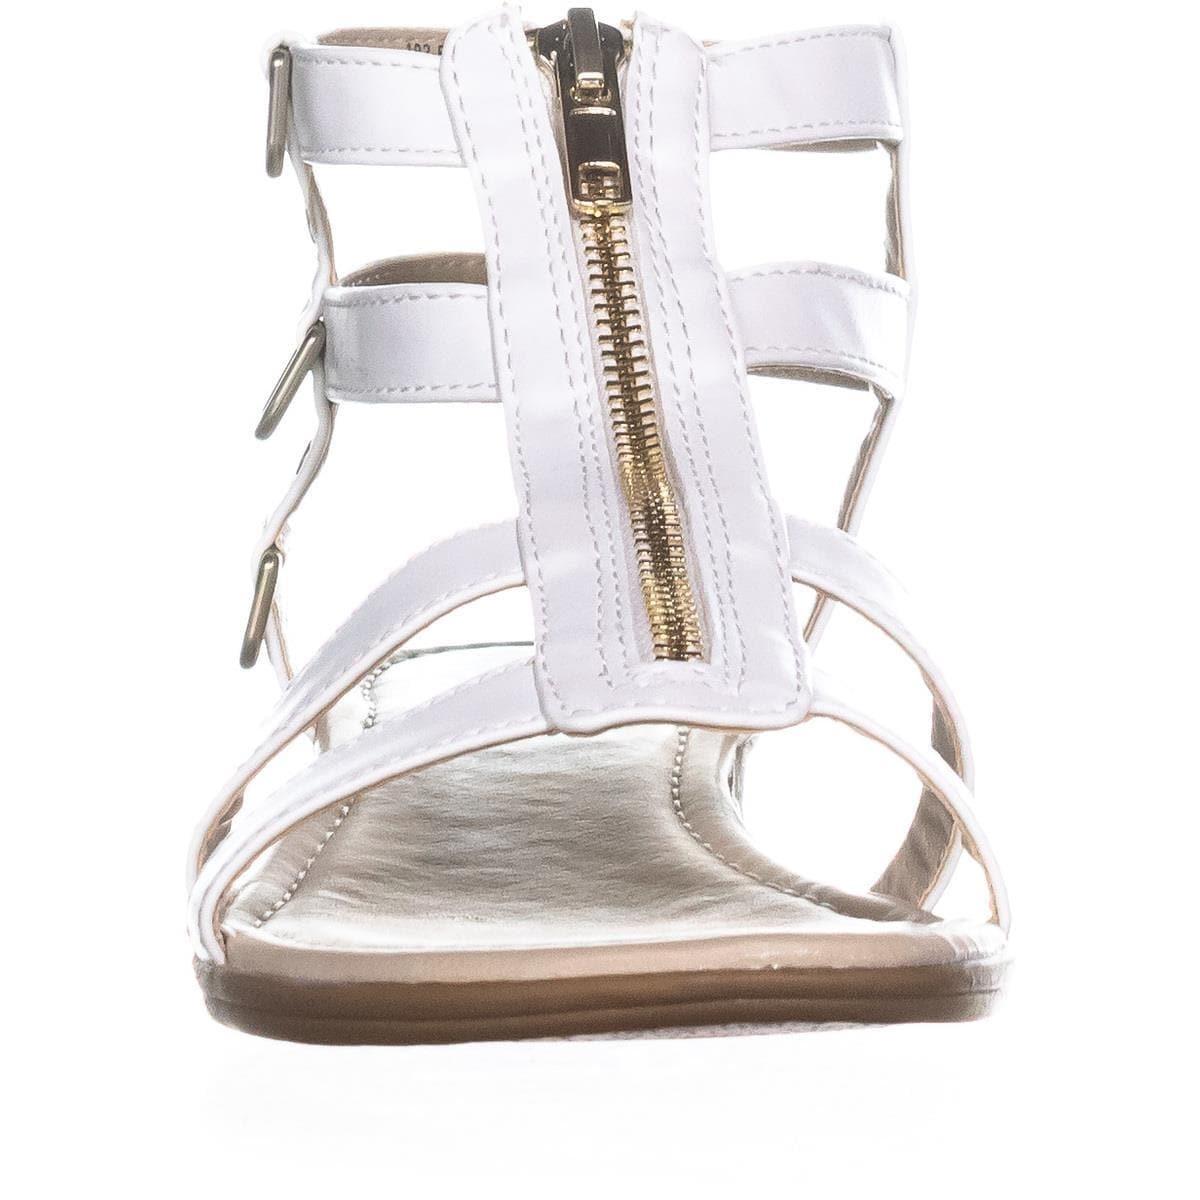 d06677cb7c03b8 Shop Rialto Gracia Front Zip Gladiator Sandals